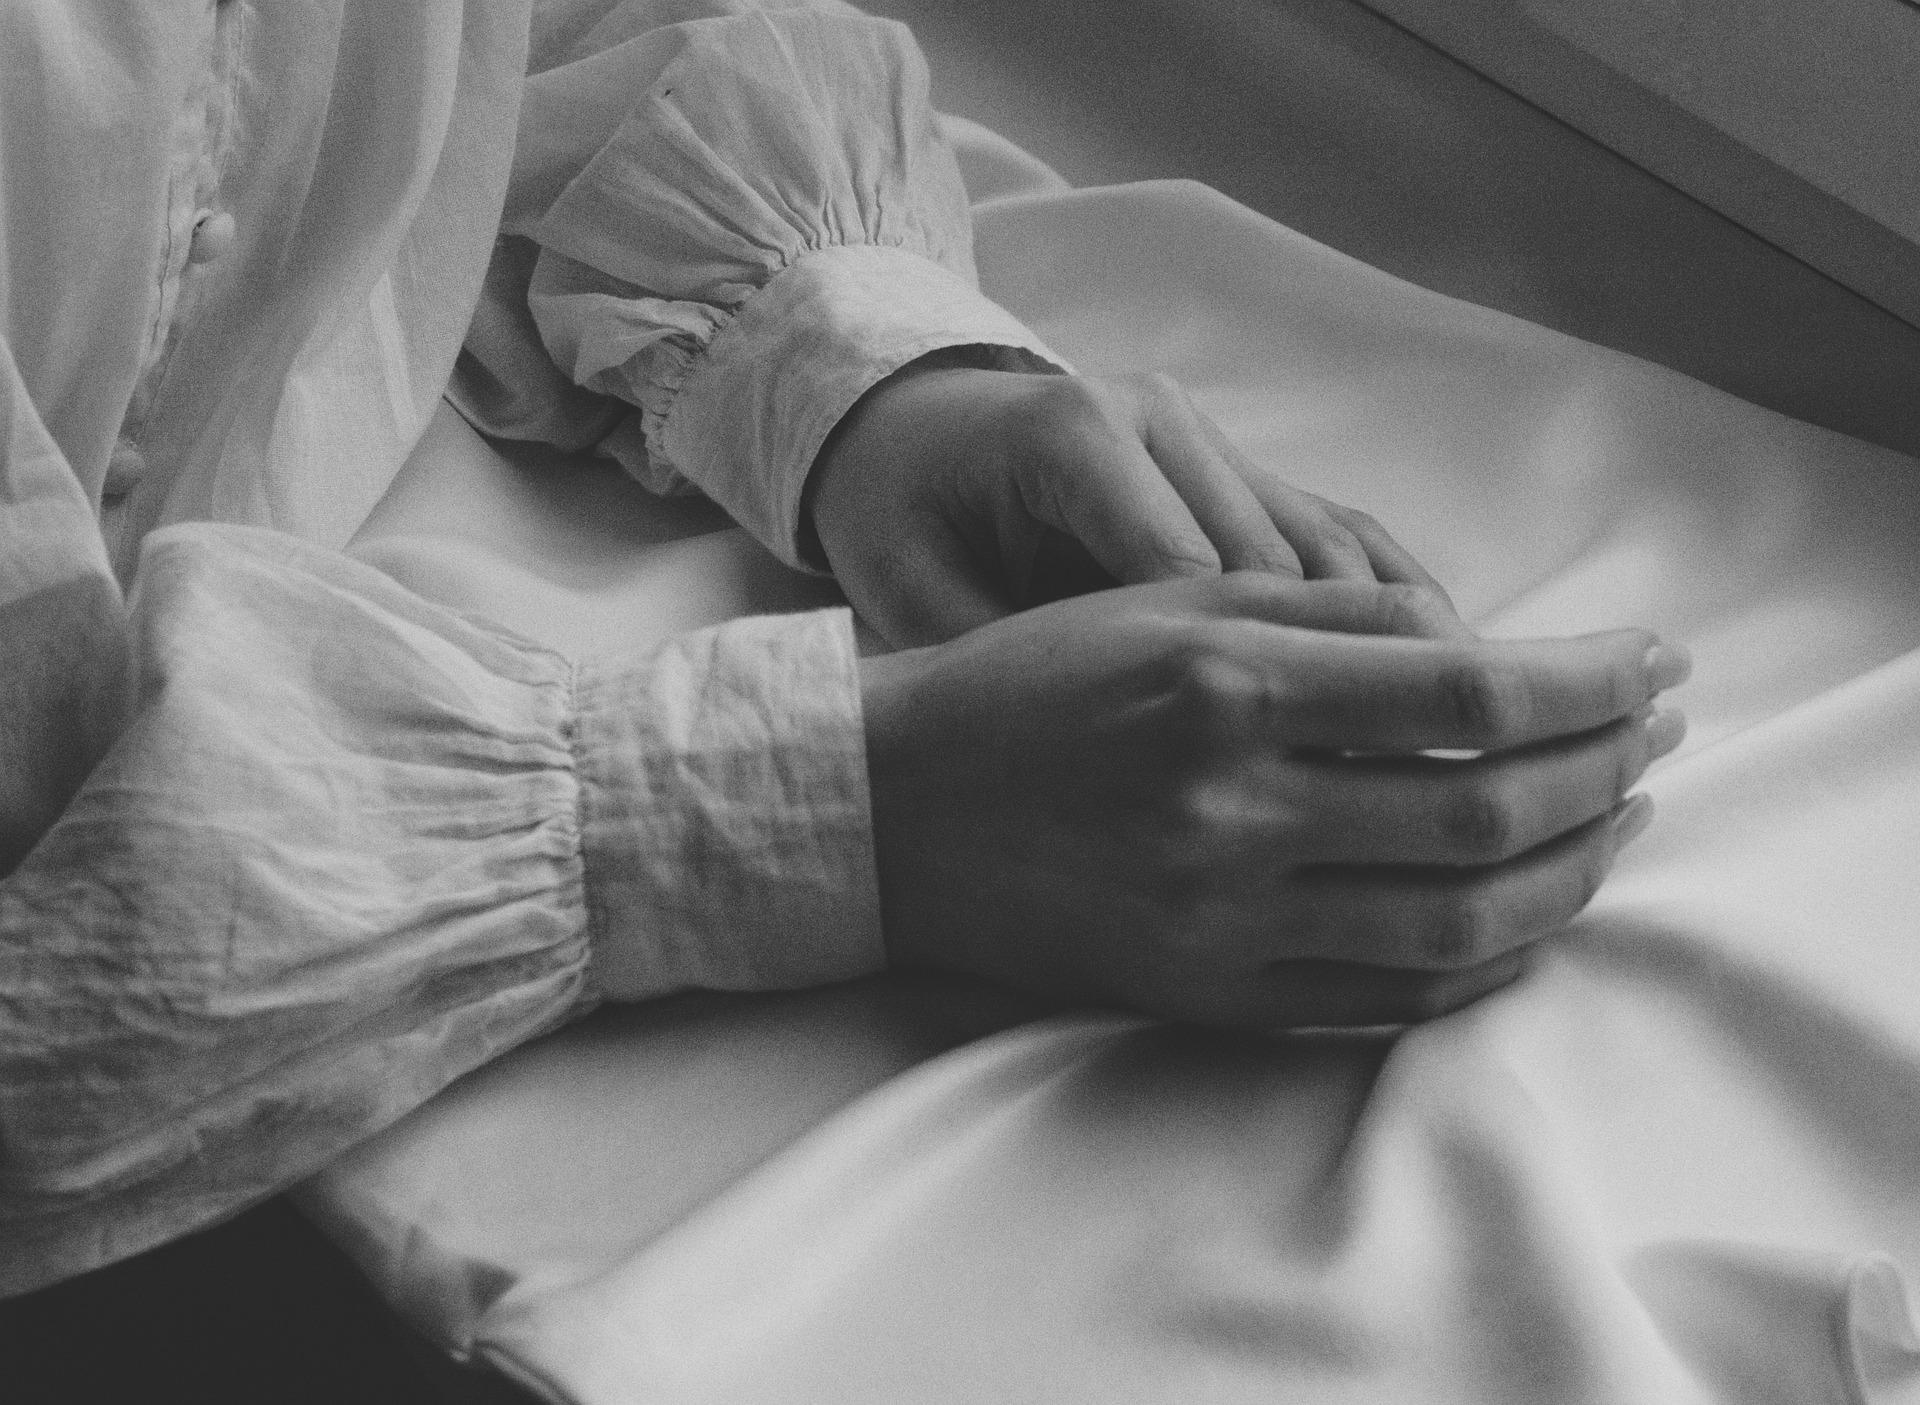 Domowe zabiegi parafinowe na dłonie